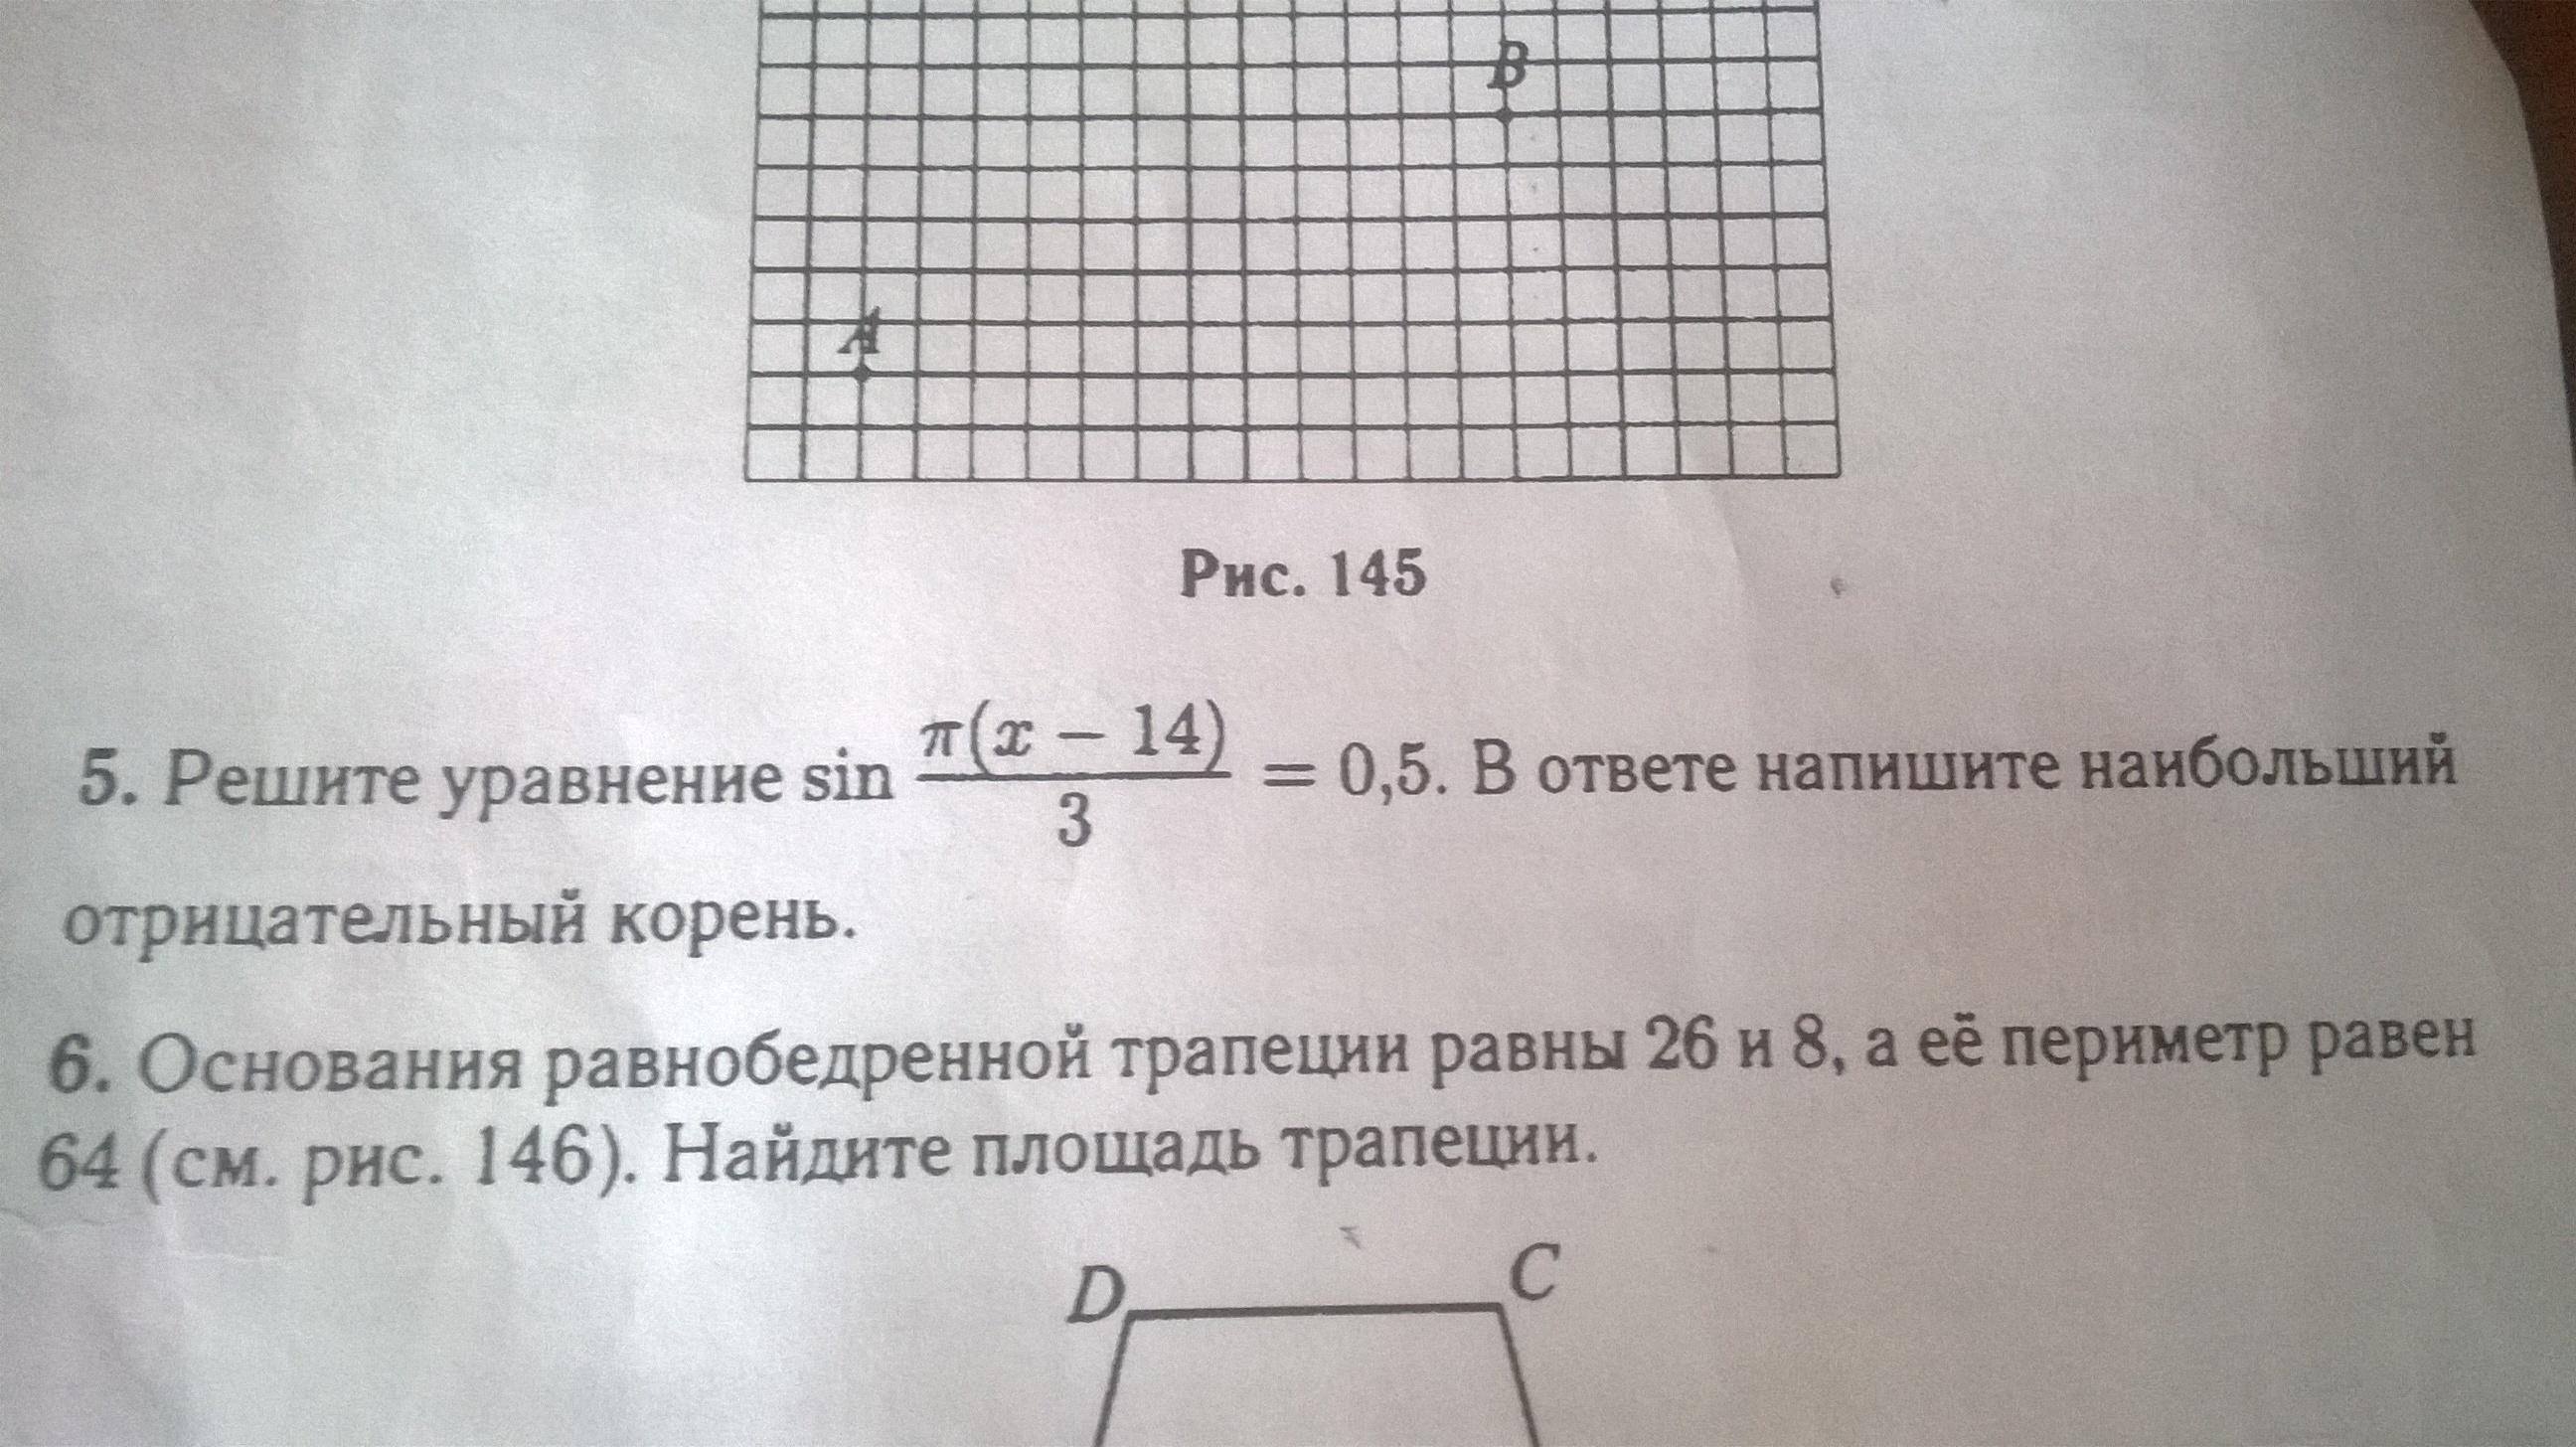 Пожалуйста, помогите с пятым?